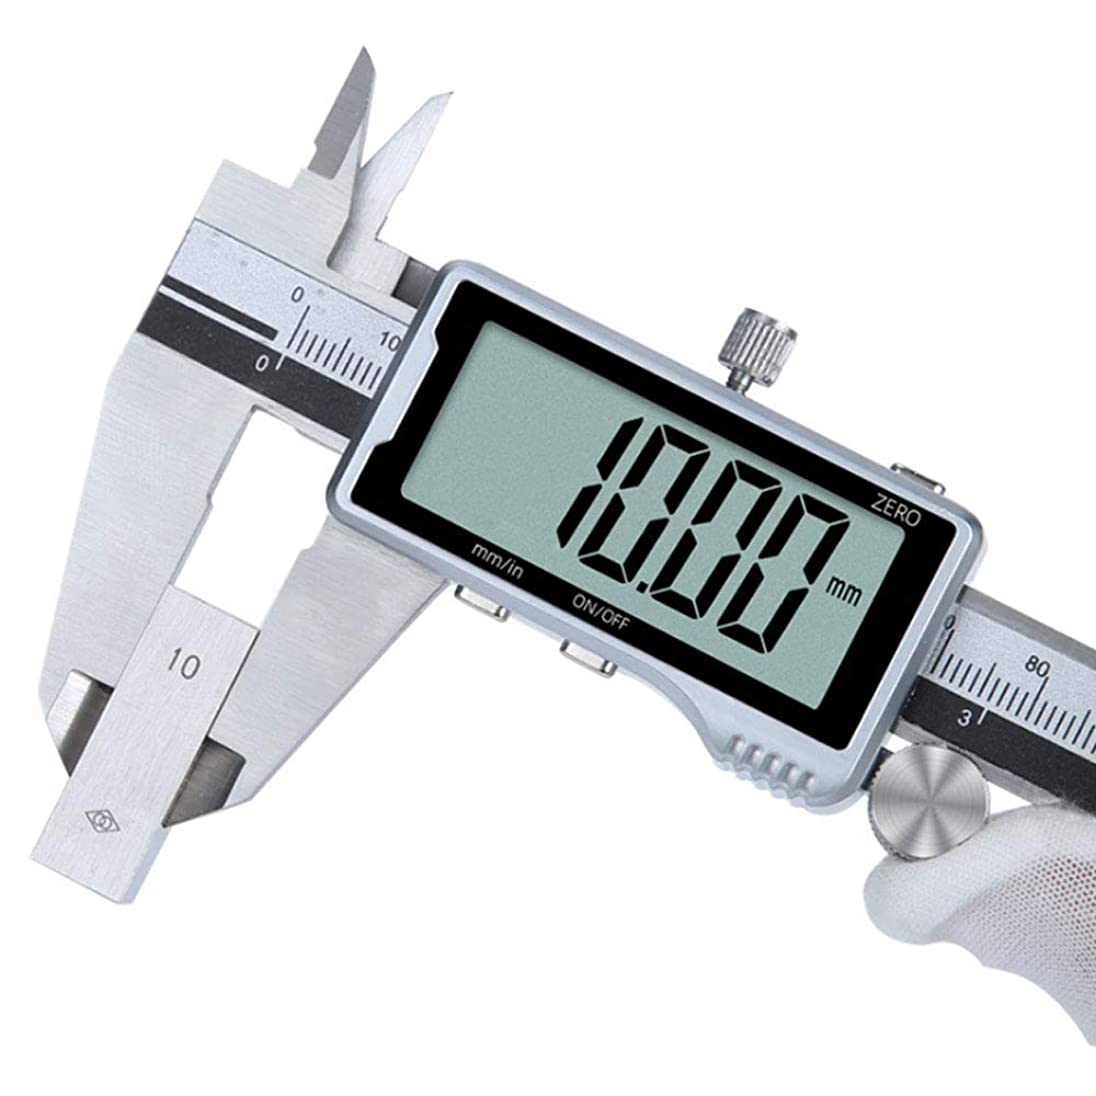 採用する算術美徳ステンレス鋼製デジタルノギス、ツール、工業用グレードの高精度測定の300mm / 0-12Inchノギスインチ/メトリック変換深度計